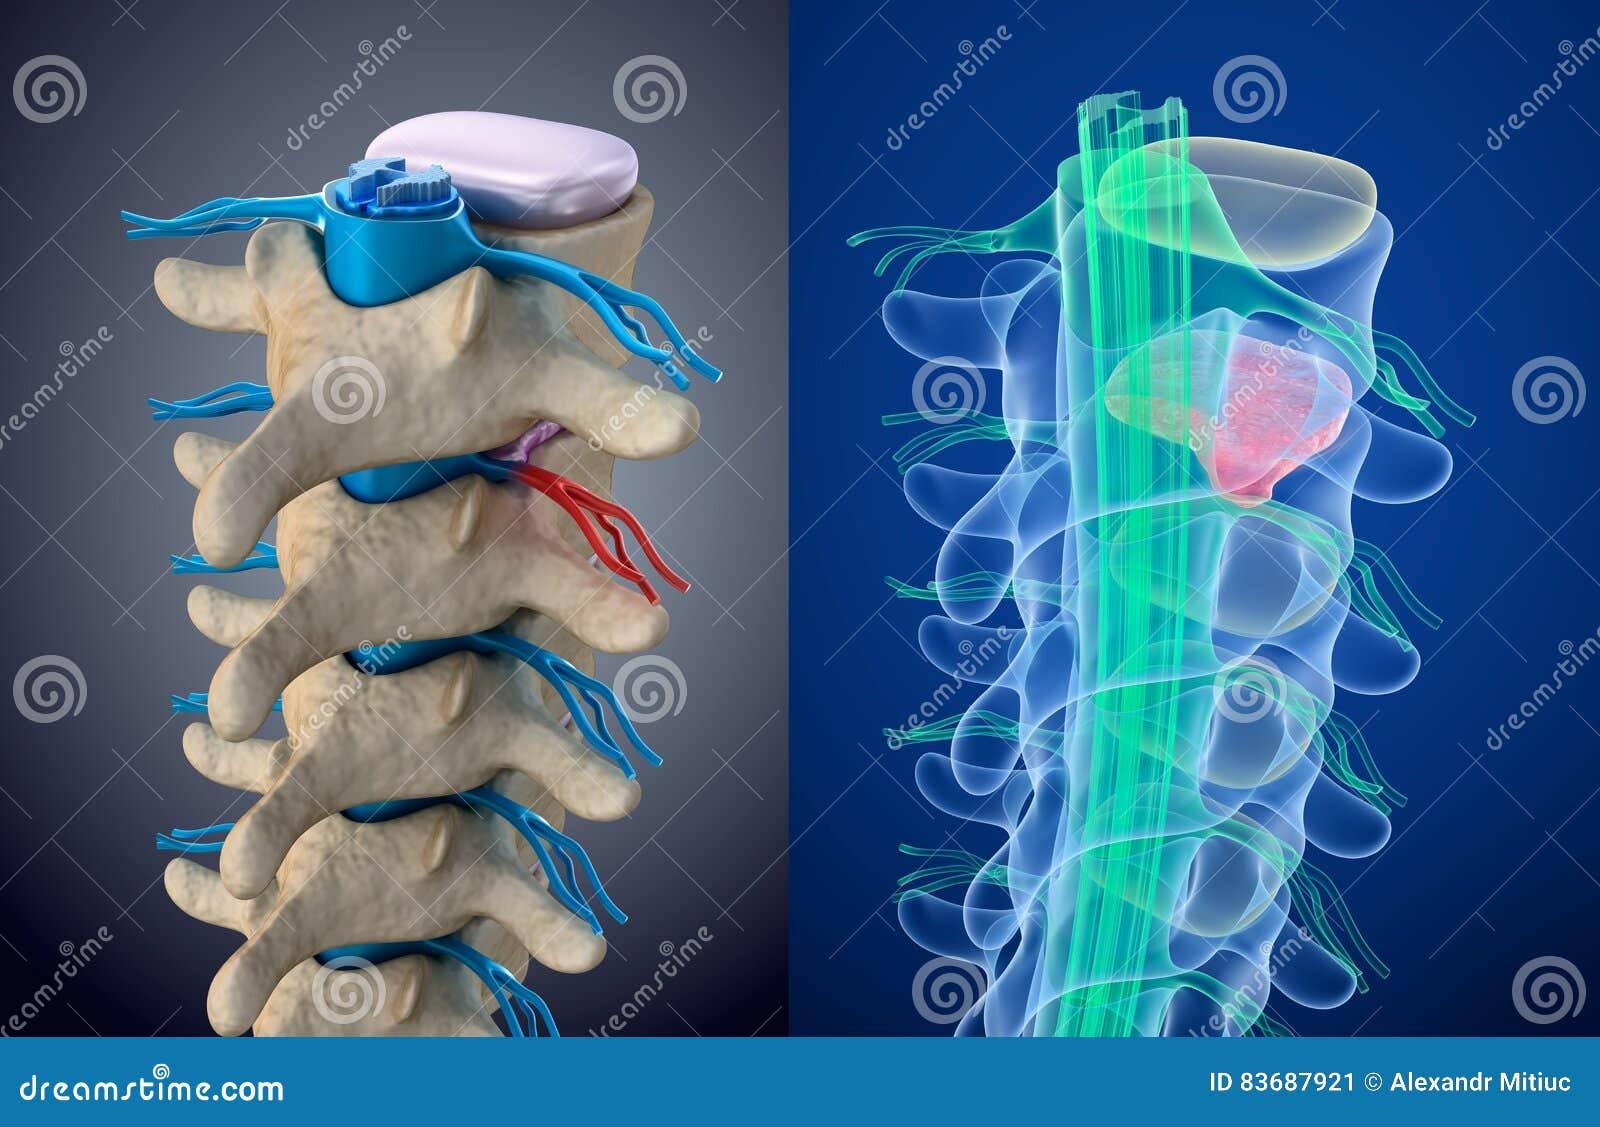 Ruggemerg onder druk van doende zwellen schijf Röntgenstraalmening Medisch nauwkeurige illustratie